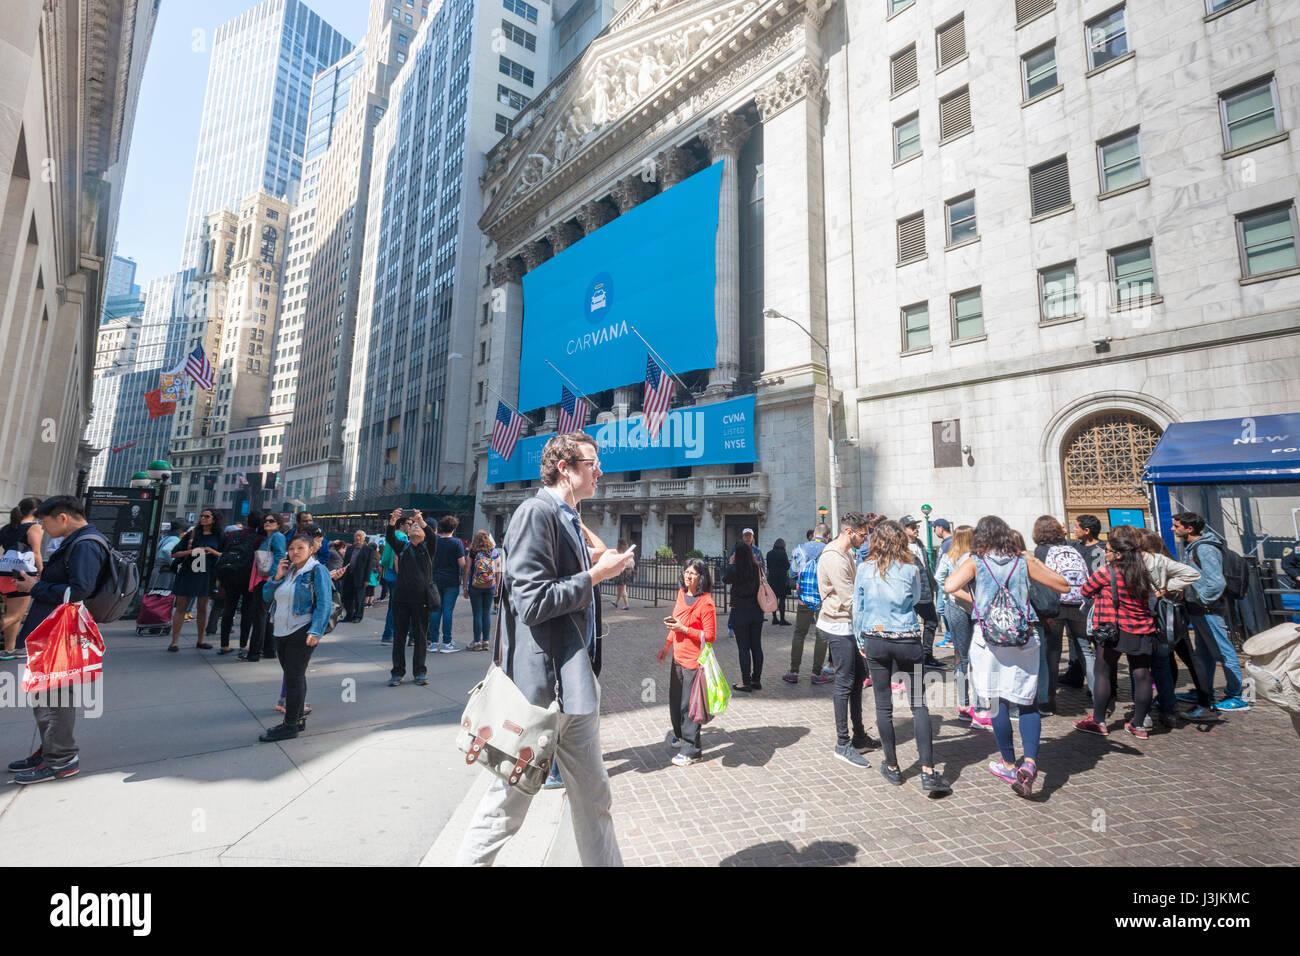 Carvana Stock Photos & Carvana Stock Images - Alamy